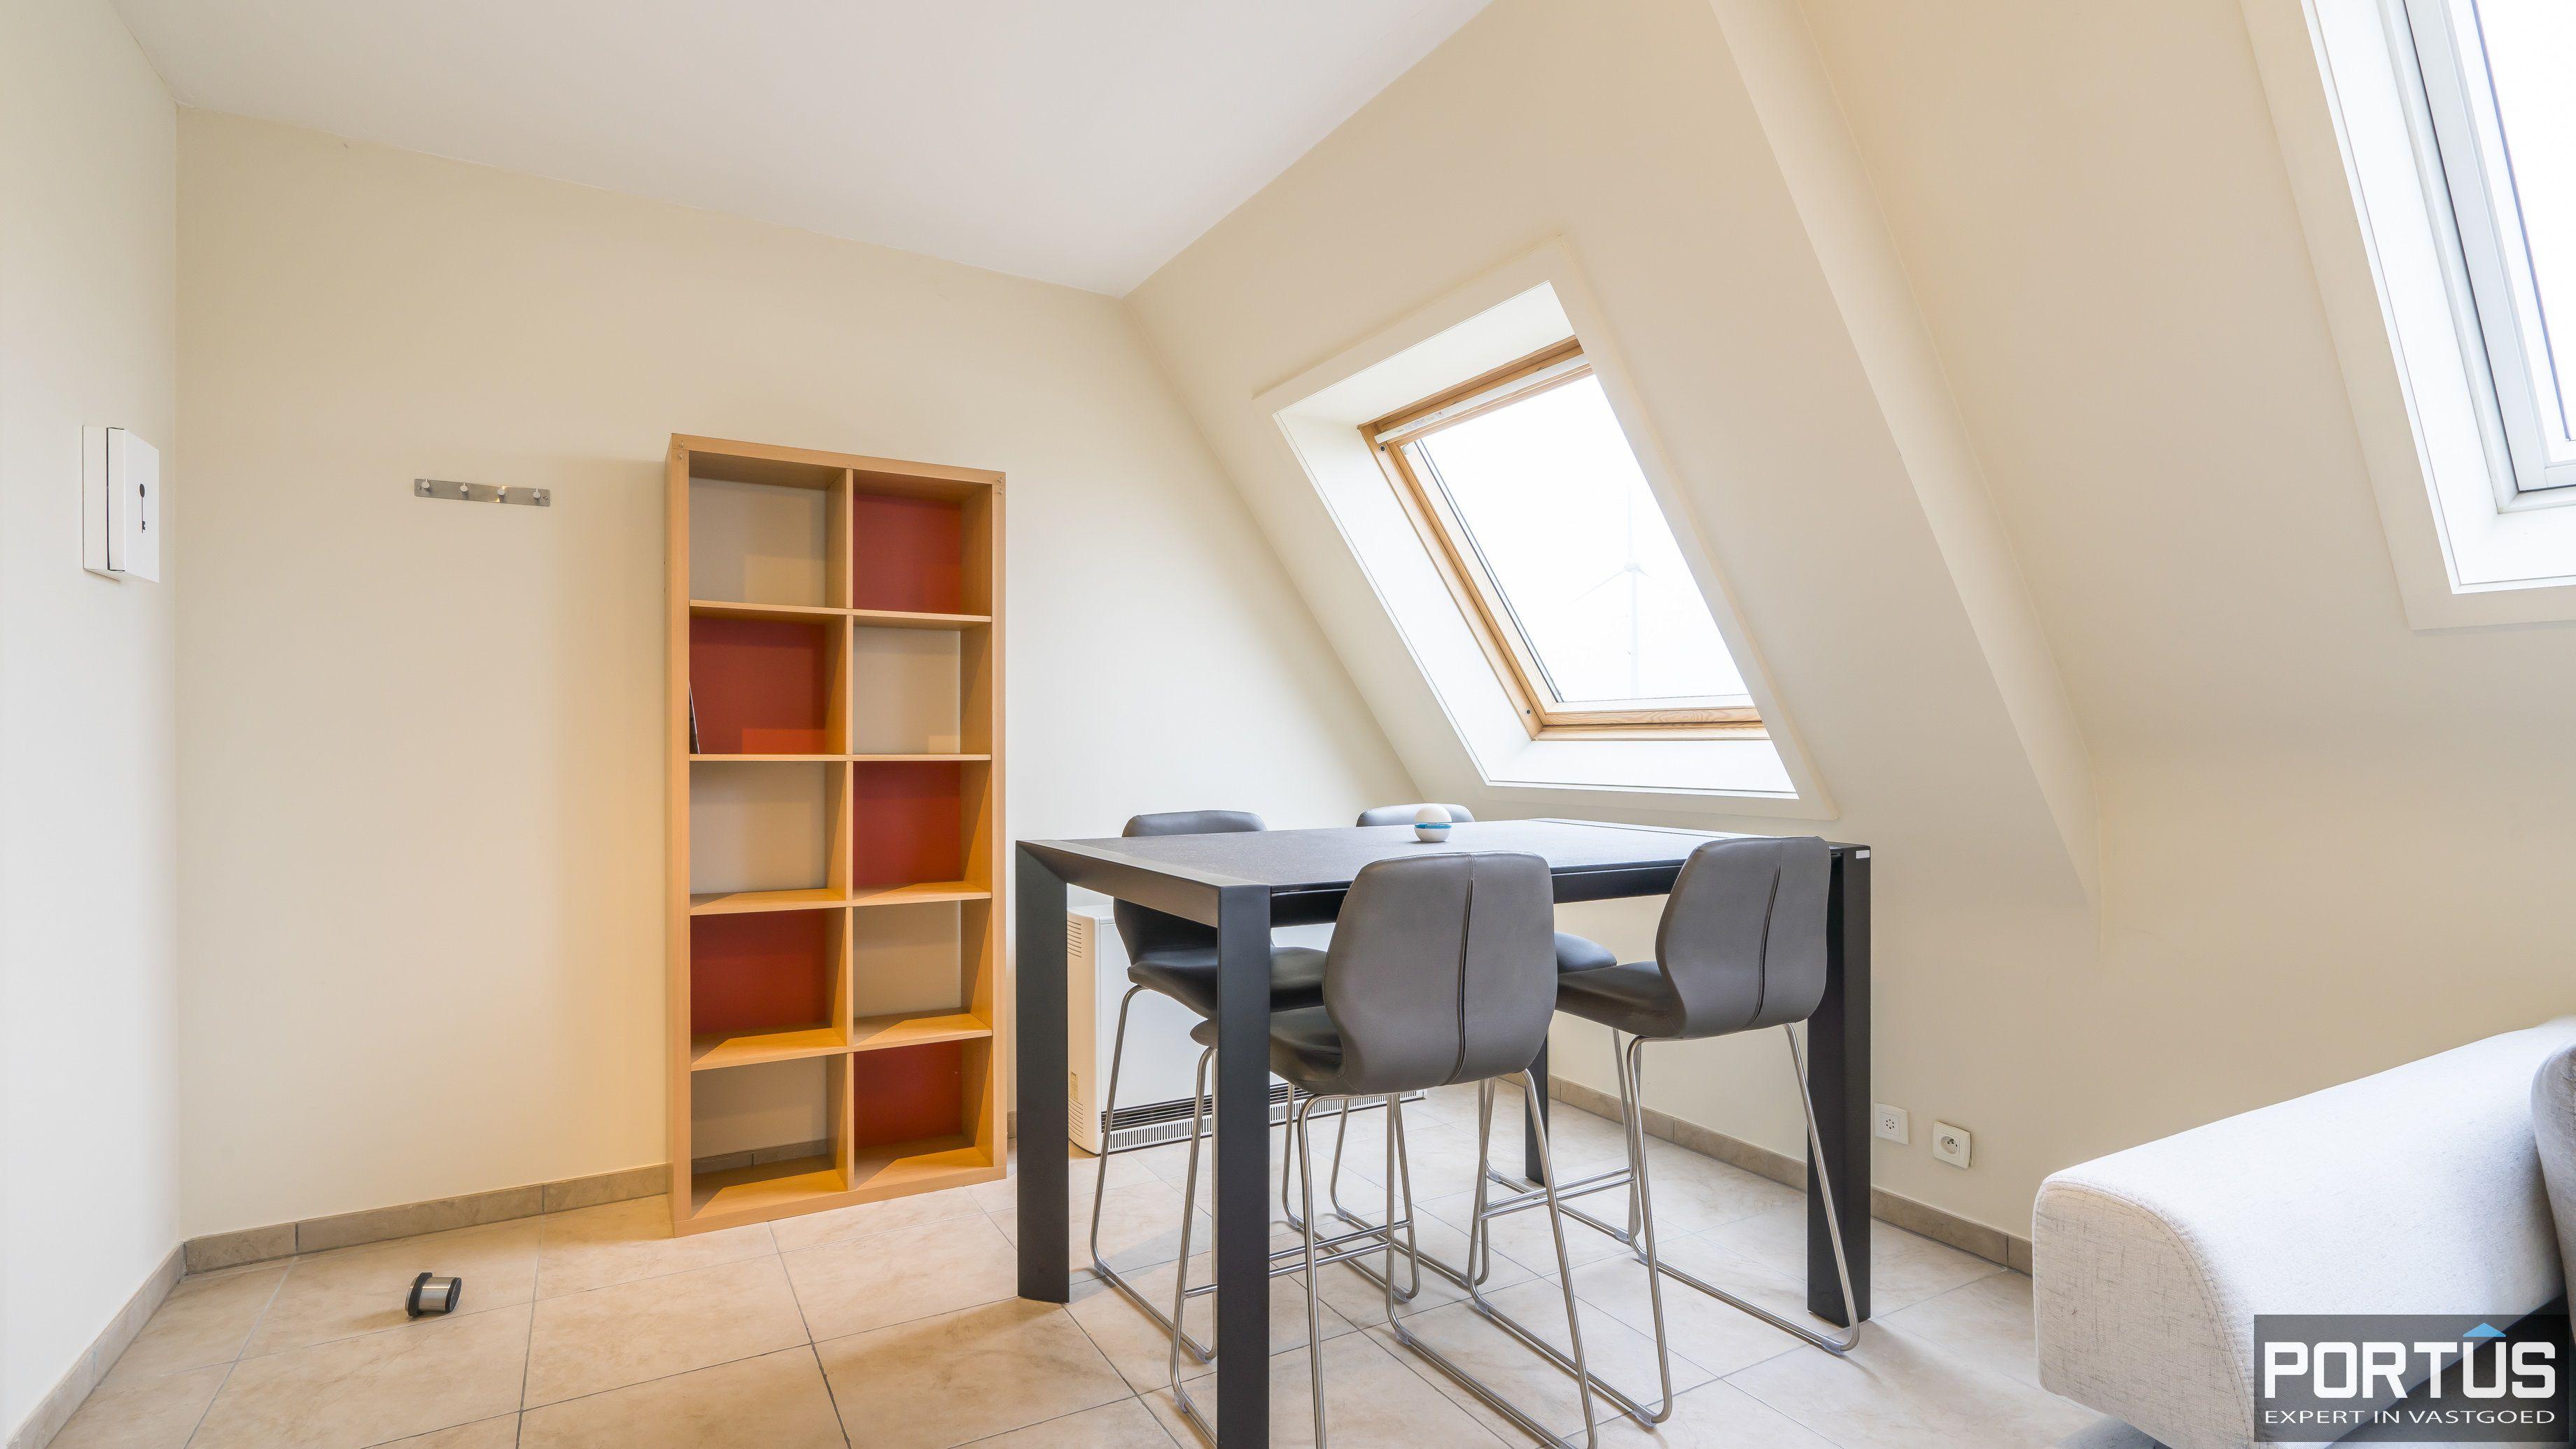 Instapklaar zongericht appartement met 1 slaapkamer te koop te Nieuwpoort - 11464